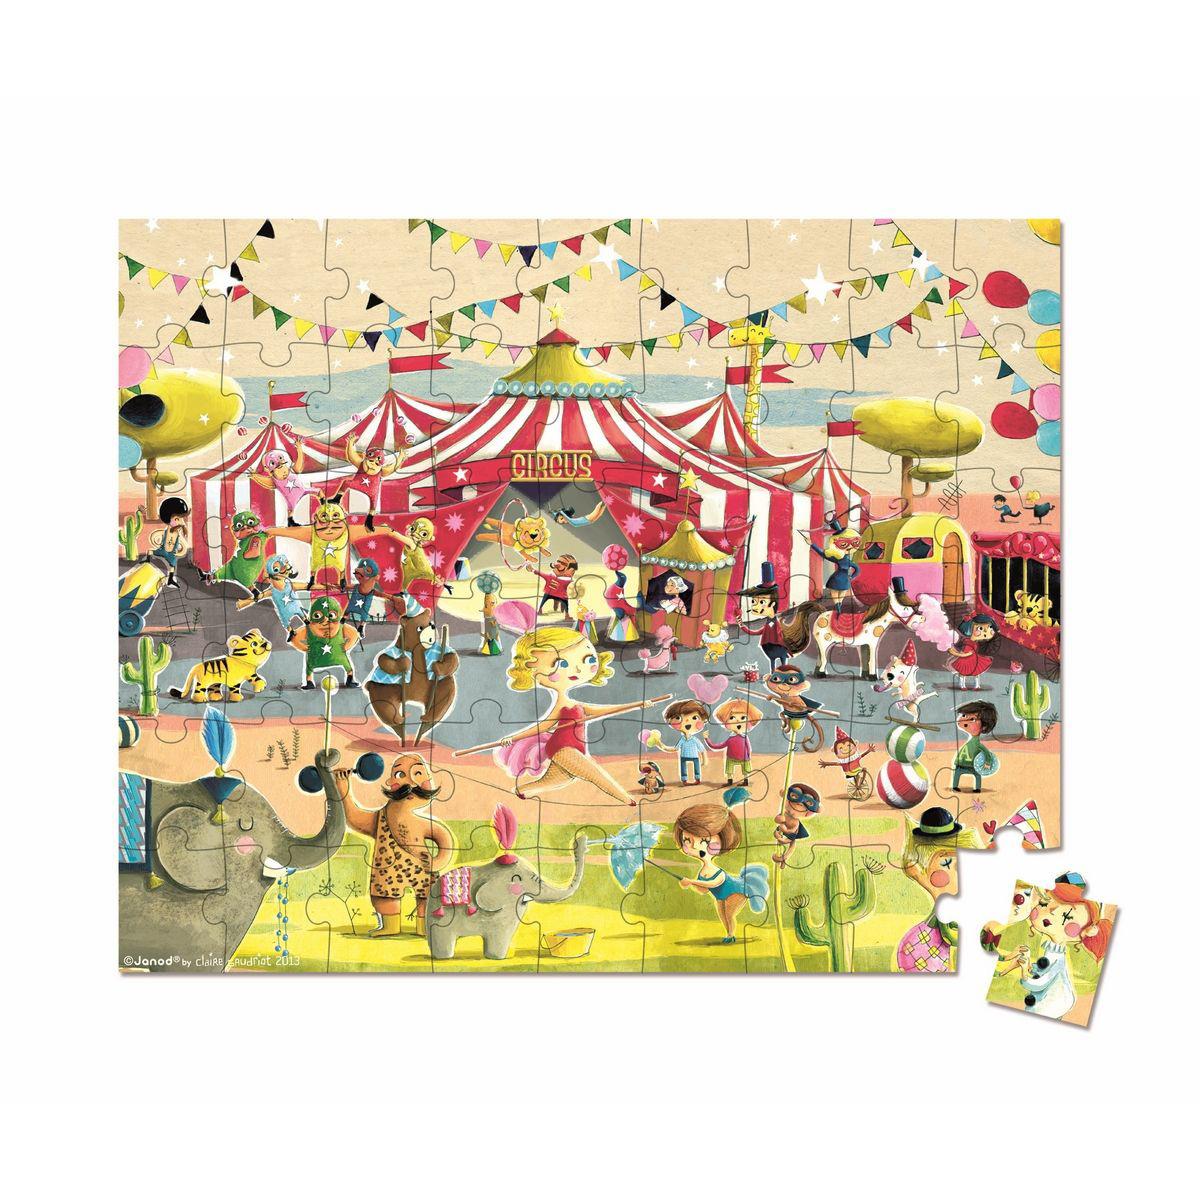 Большой пазл в круглом чемоданчике – Цирк, 54 элементаПазлы до 100 элементов<br>Большой пазл в круглом чемоданчике – Цирк, 54 элемента<br>